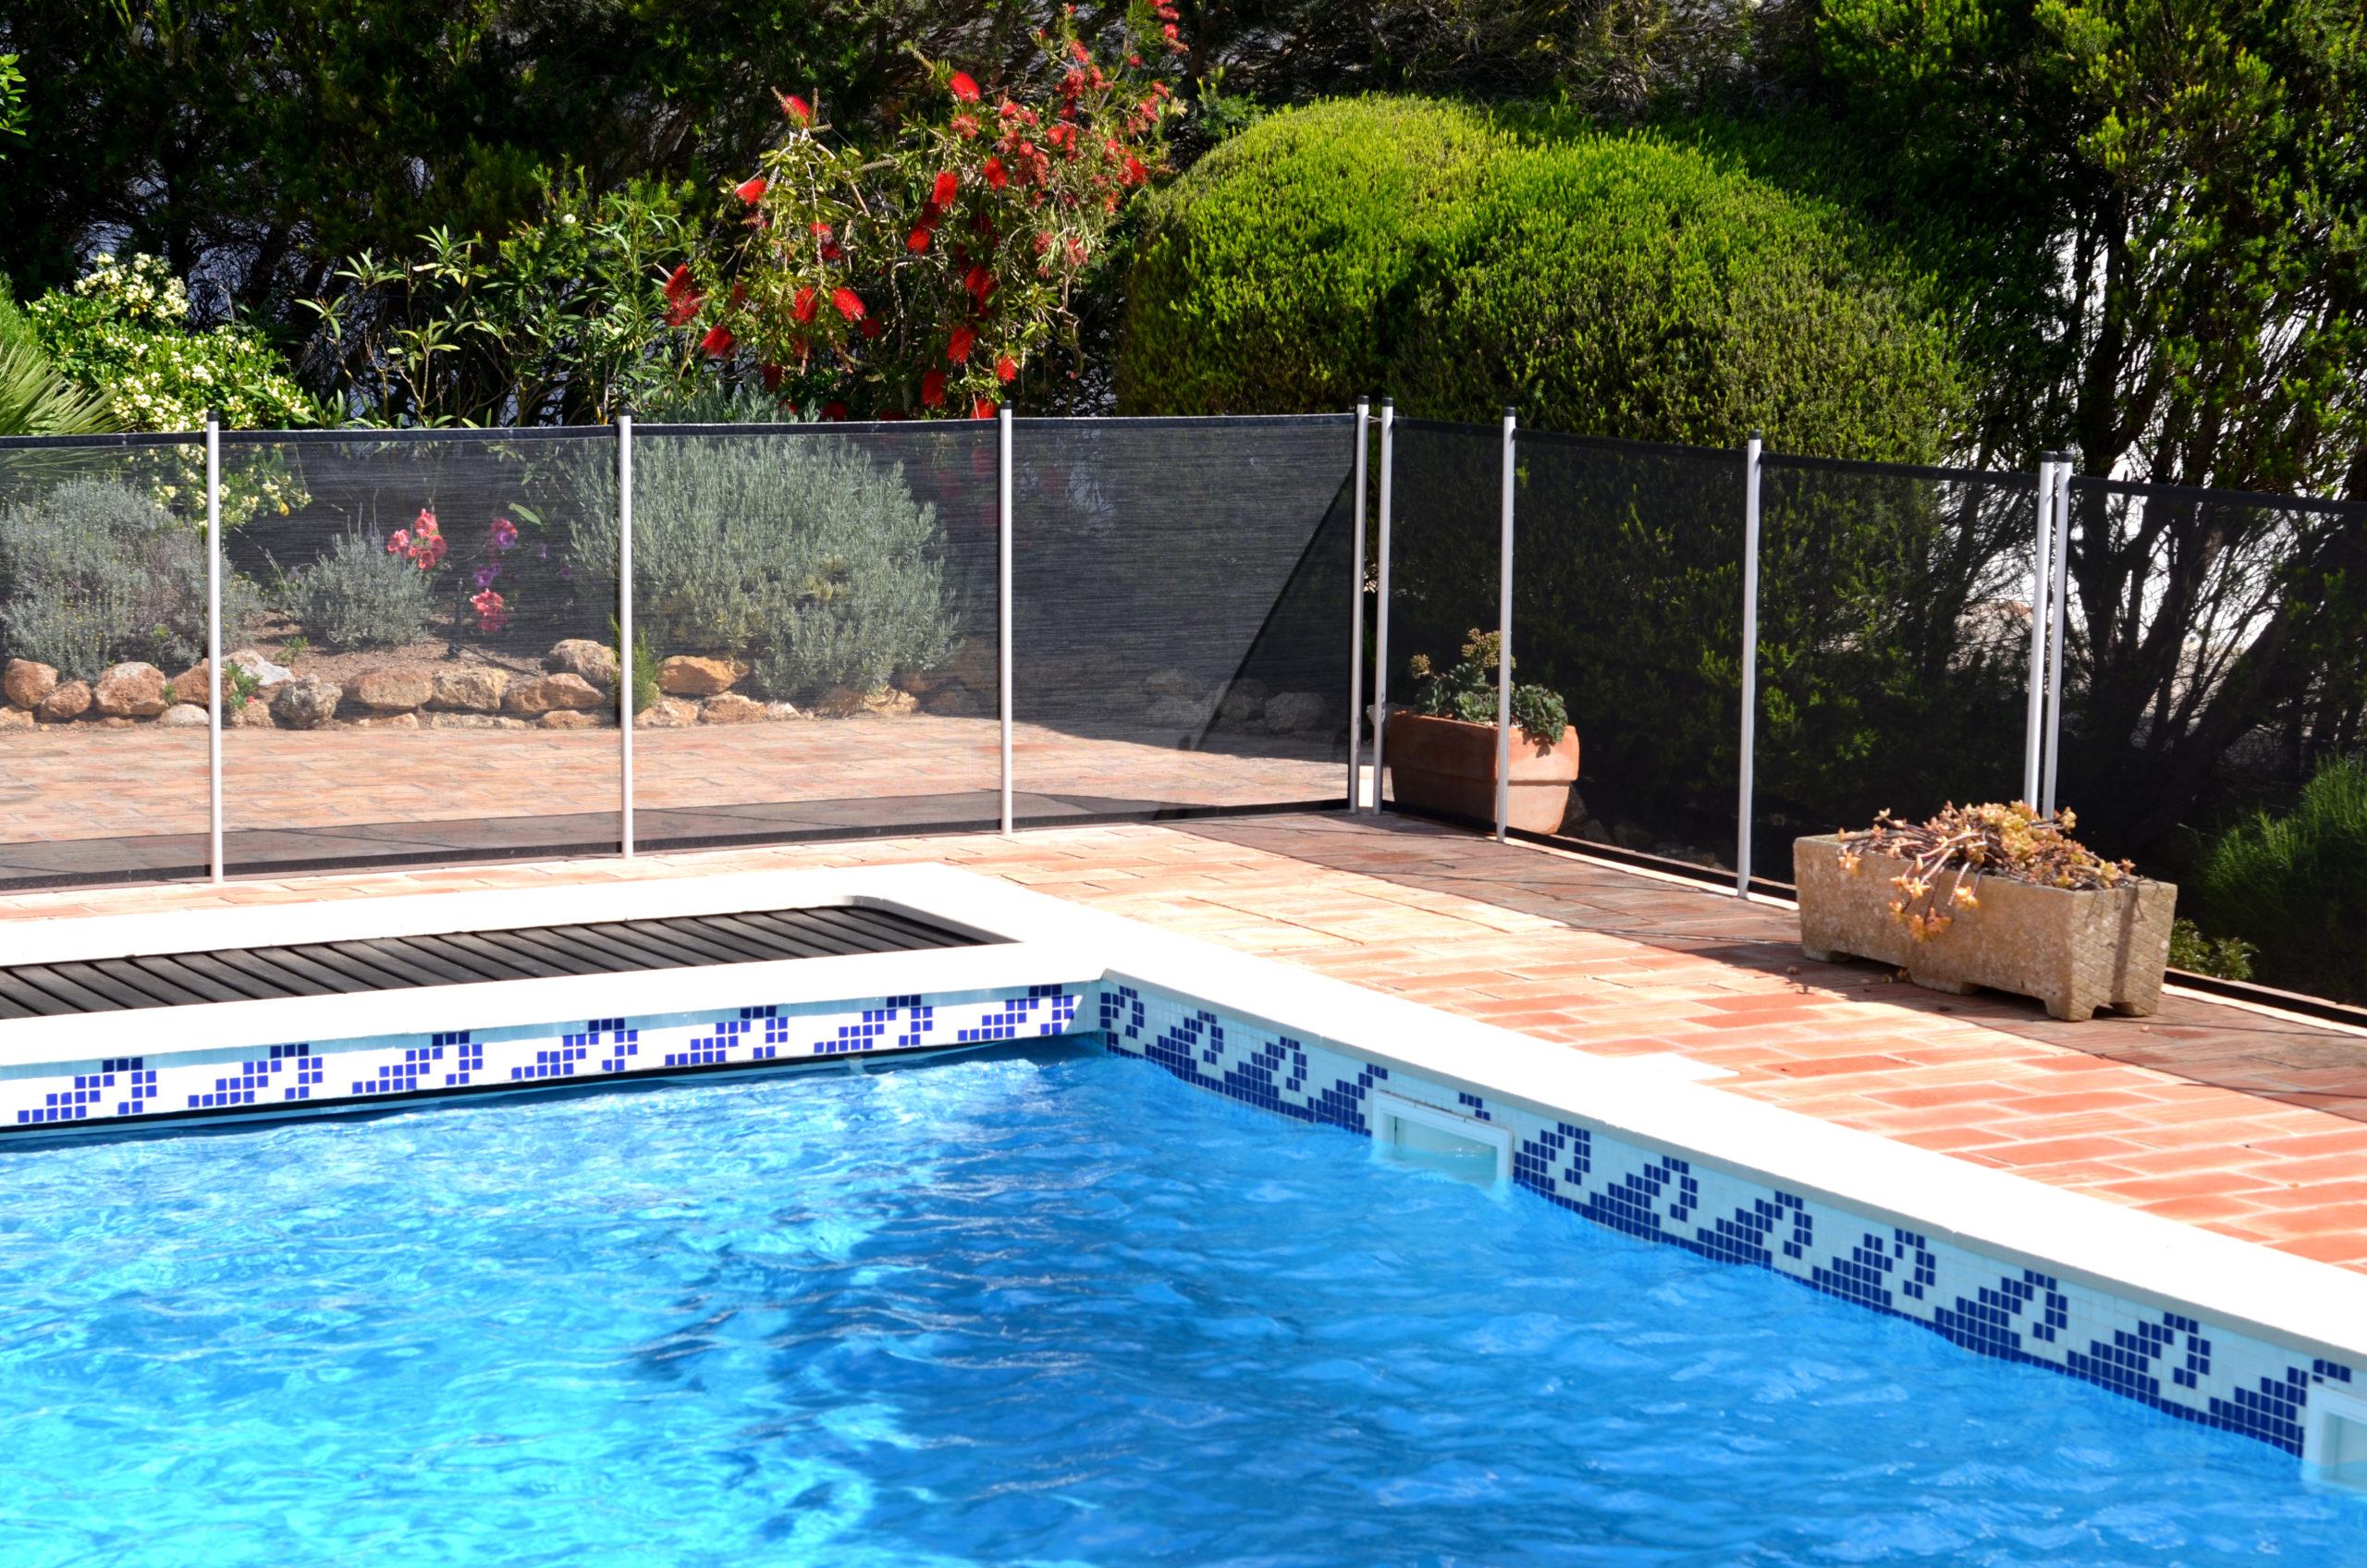 Piscine A Moins De 100 Euros pensez à sécuriser sa piscine ! plus qu'une obligation, un